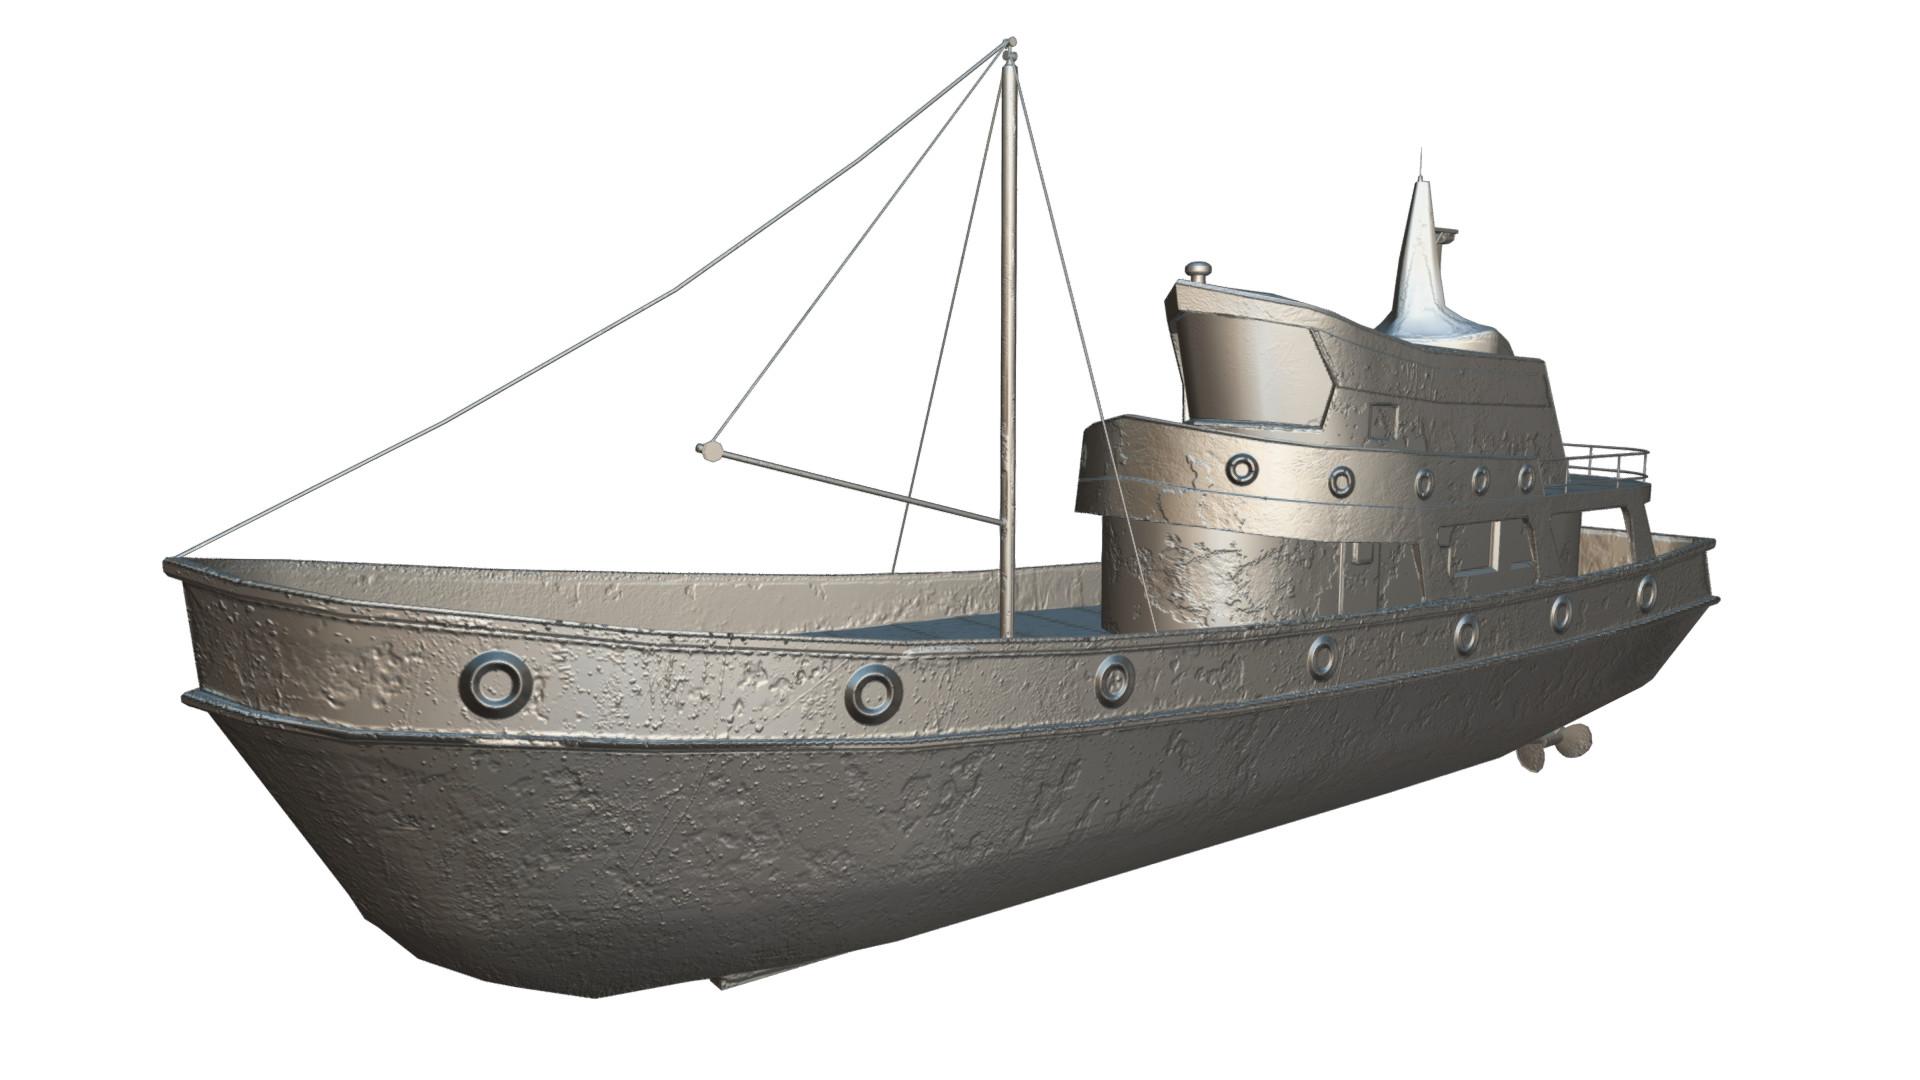 Charlie kay boat ruin